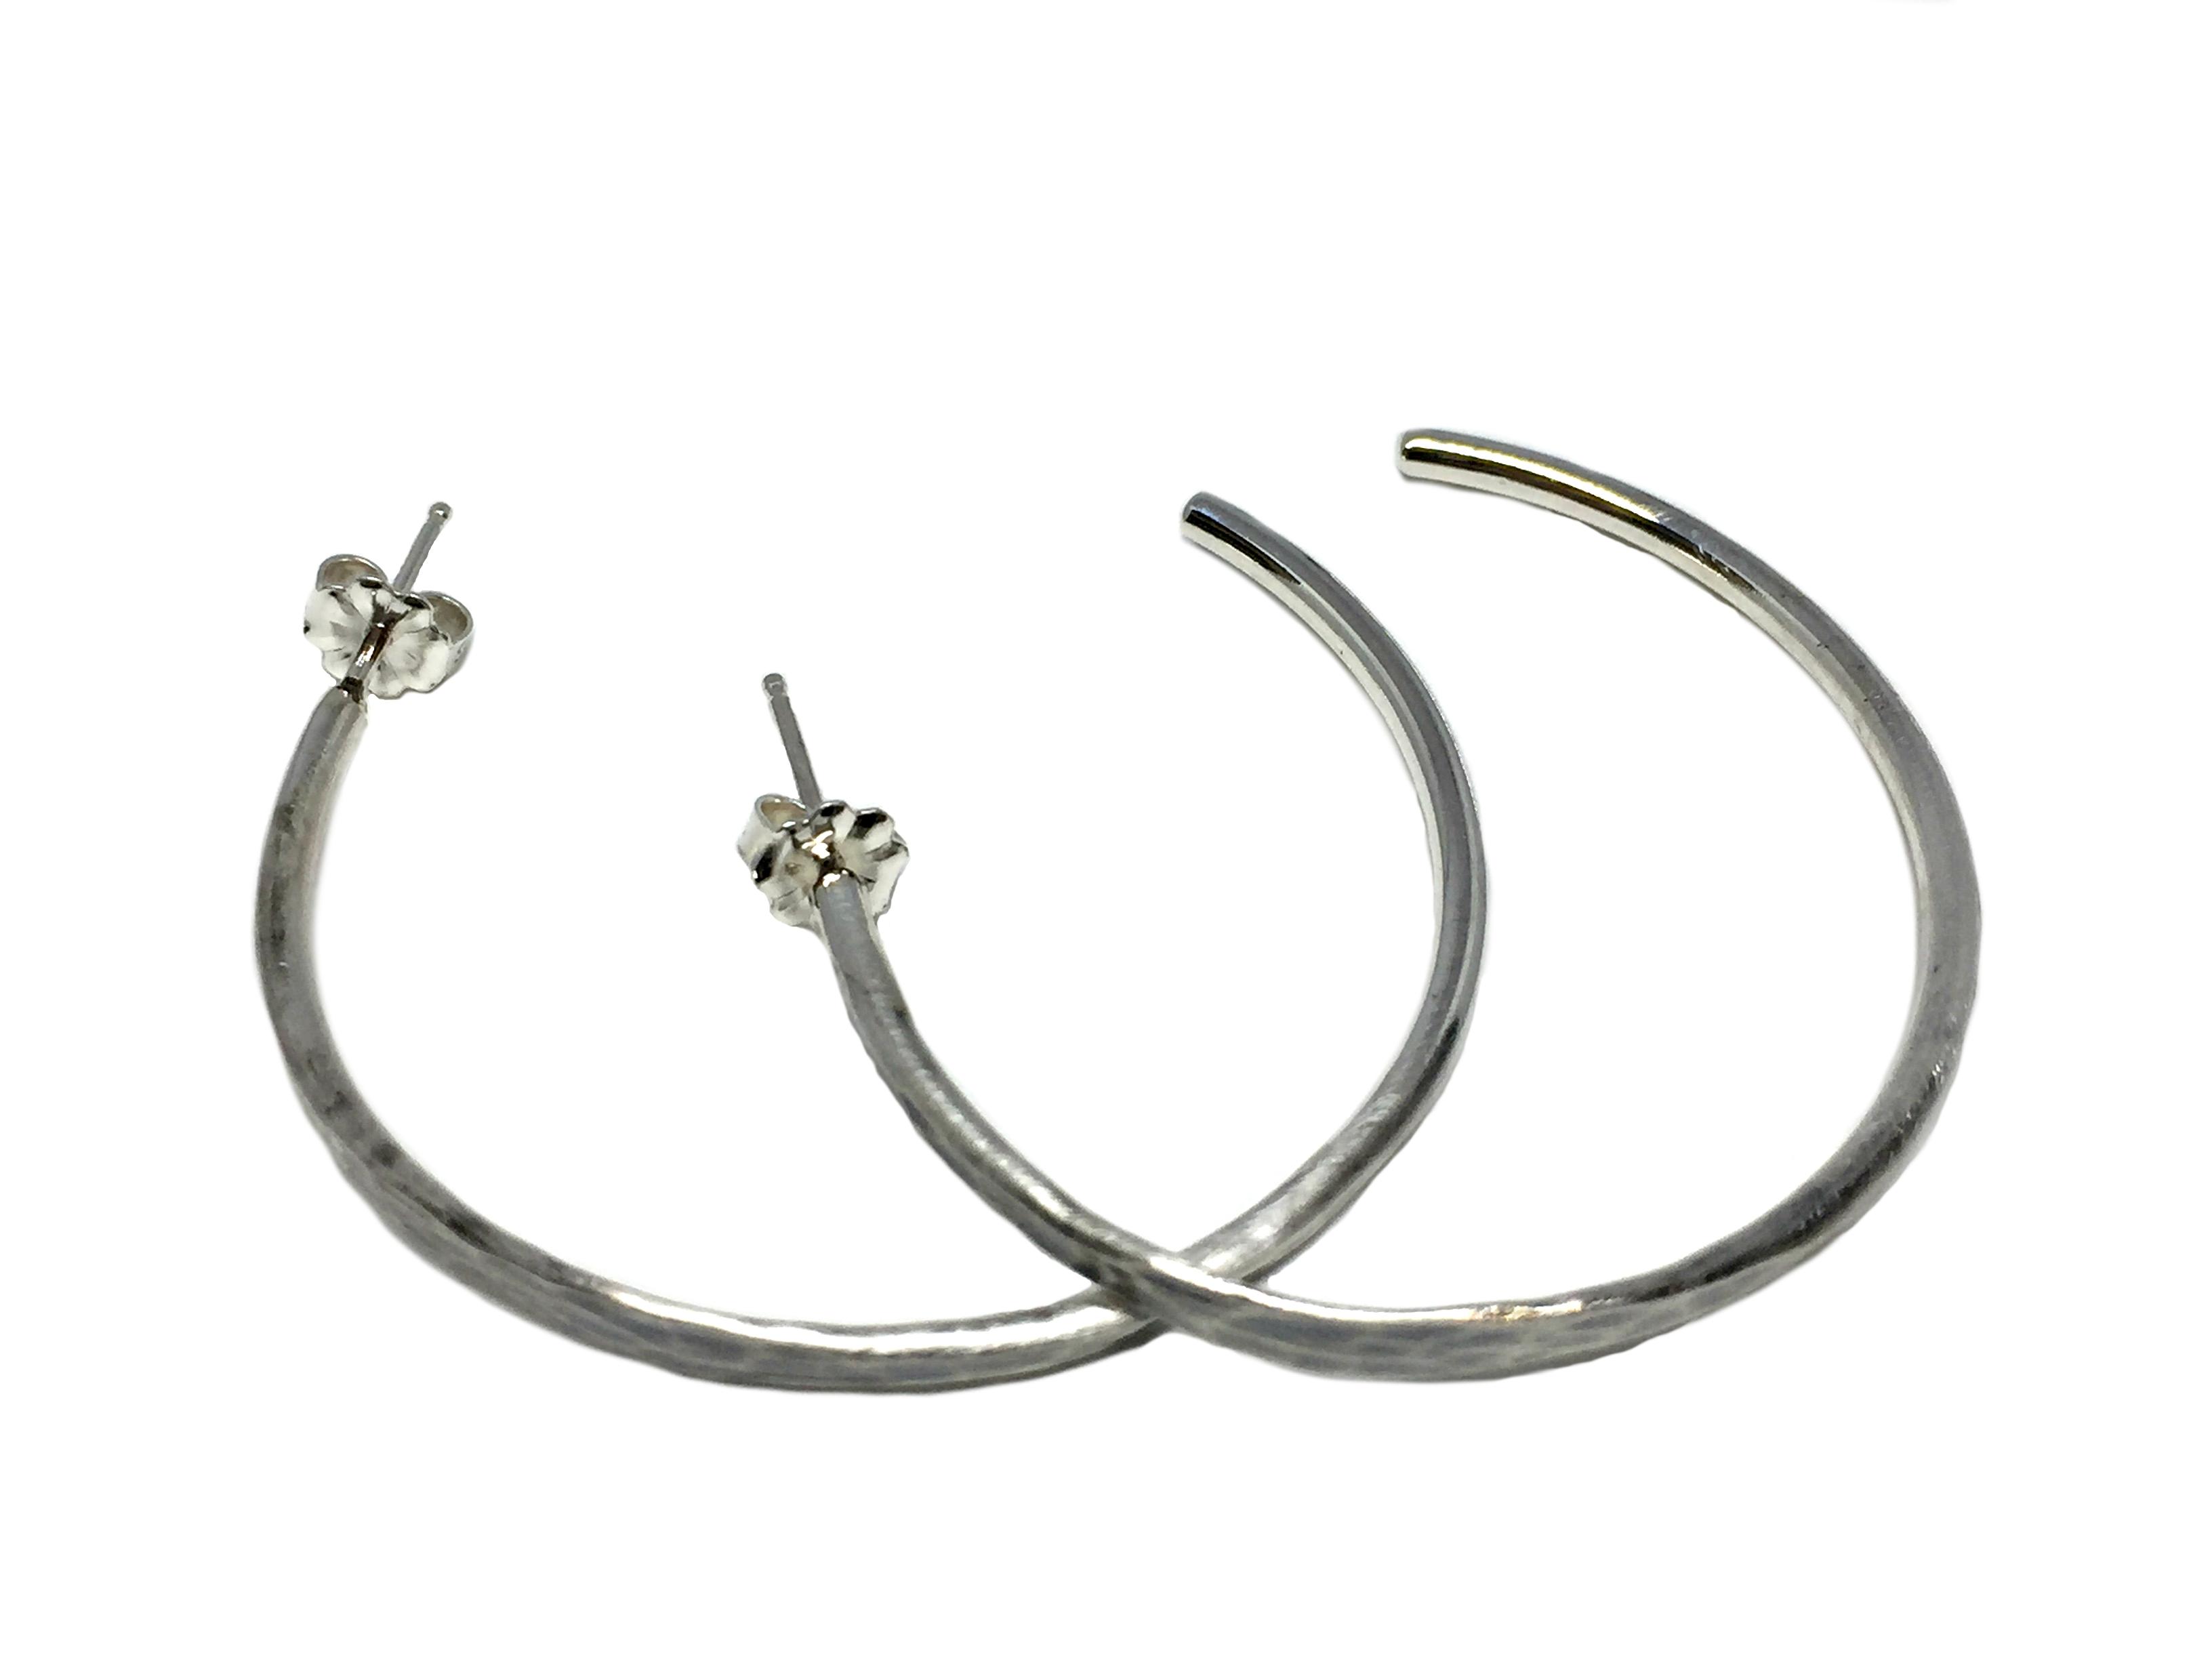 Medium Sterling Silver Hammered Hoop Earrings by Karyn Chopik | Effusion Art Gallery + Cast Glass Studio, Invermere BC